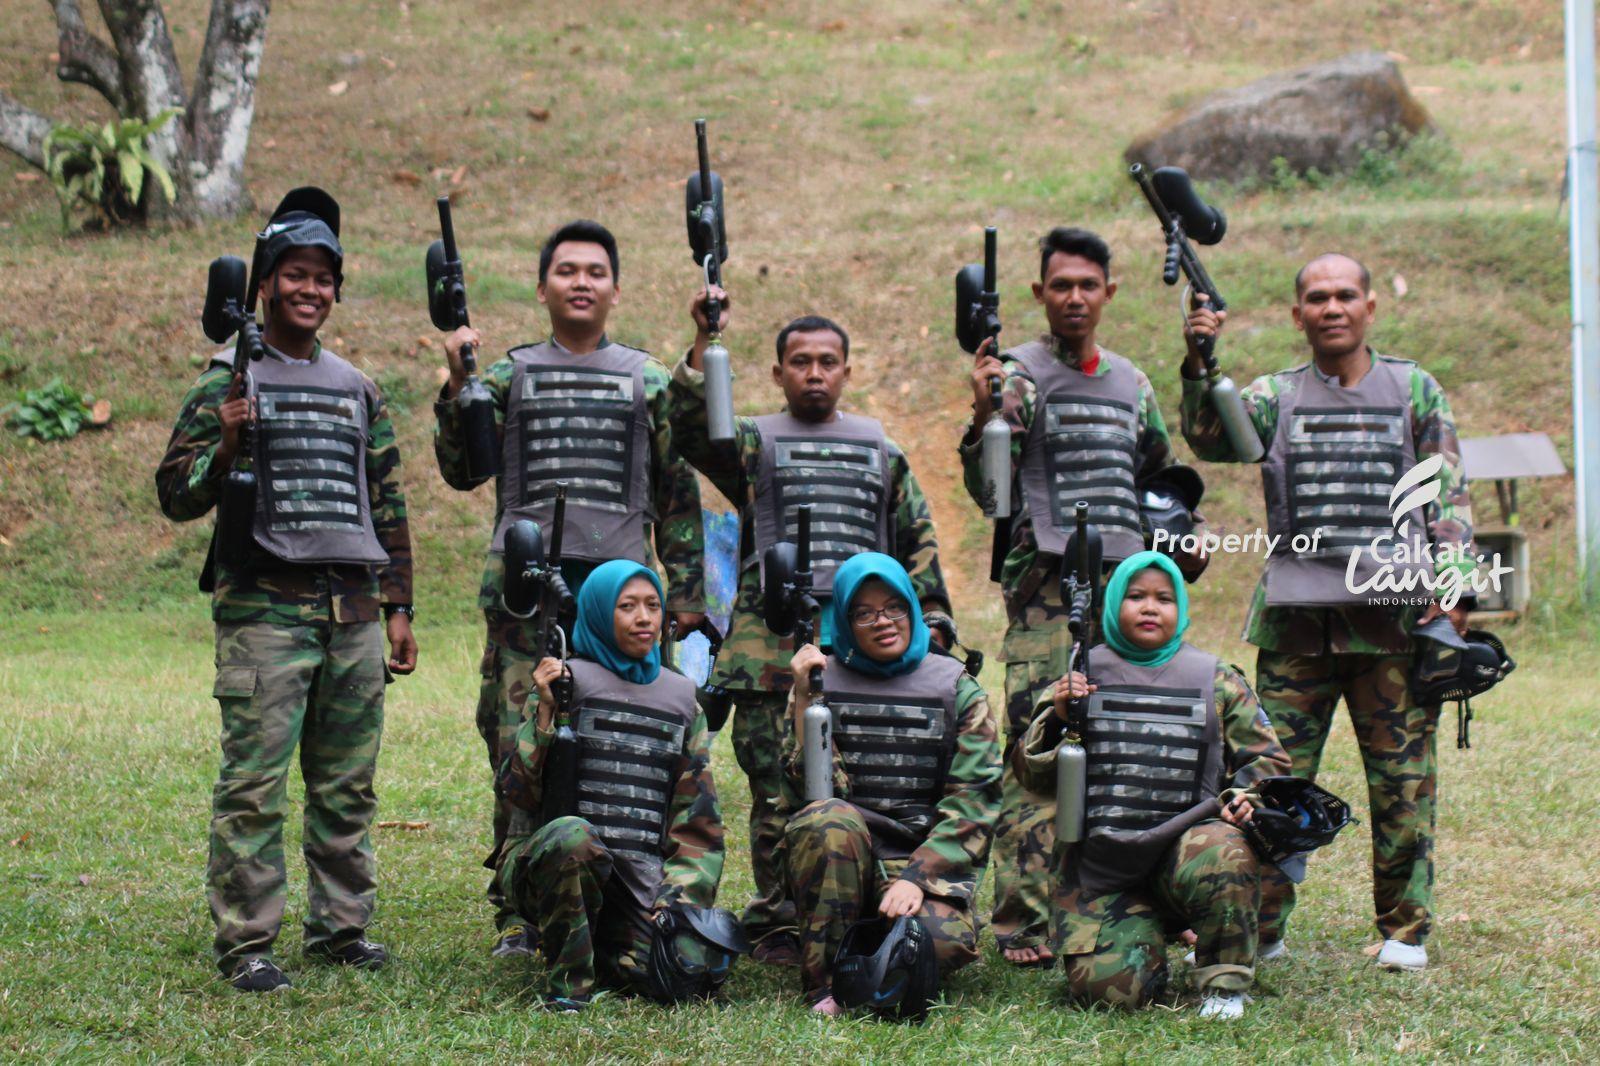 The Safari Lodge Hotel Cocok untuk Outbound Murah di Bogor